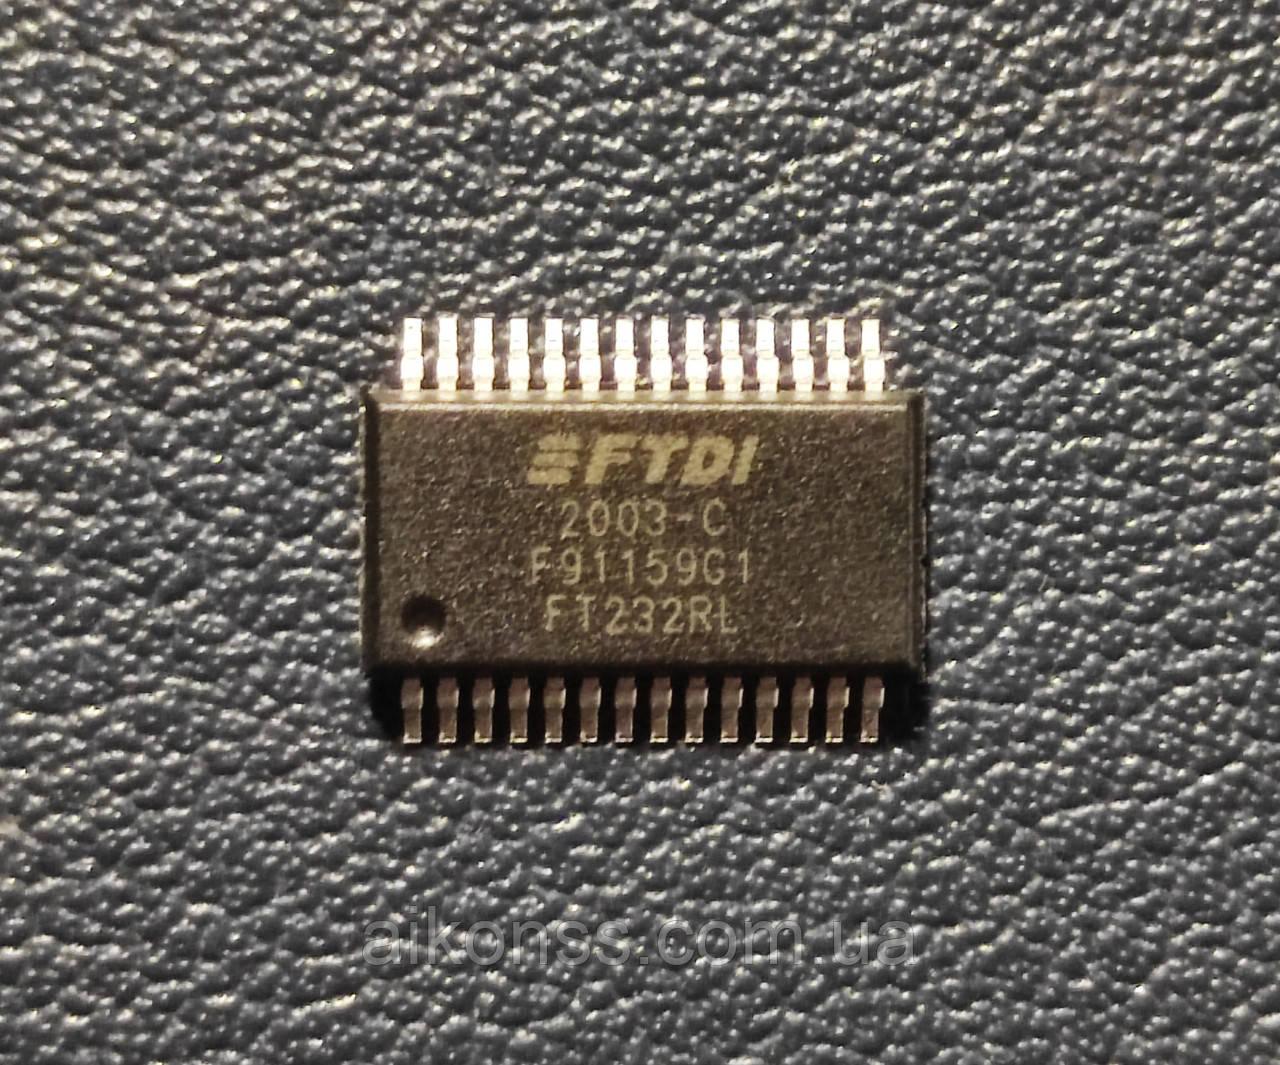 Мікросхема FT232RL SSOP-28 \ FTDI